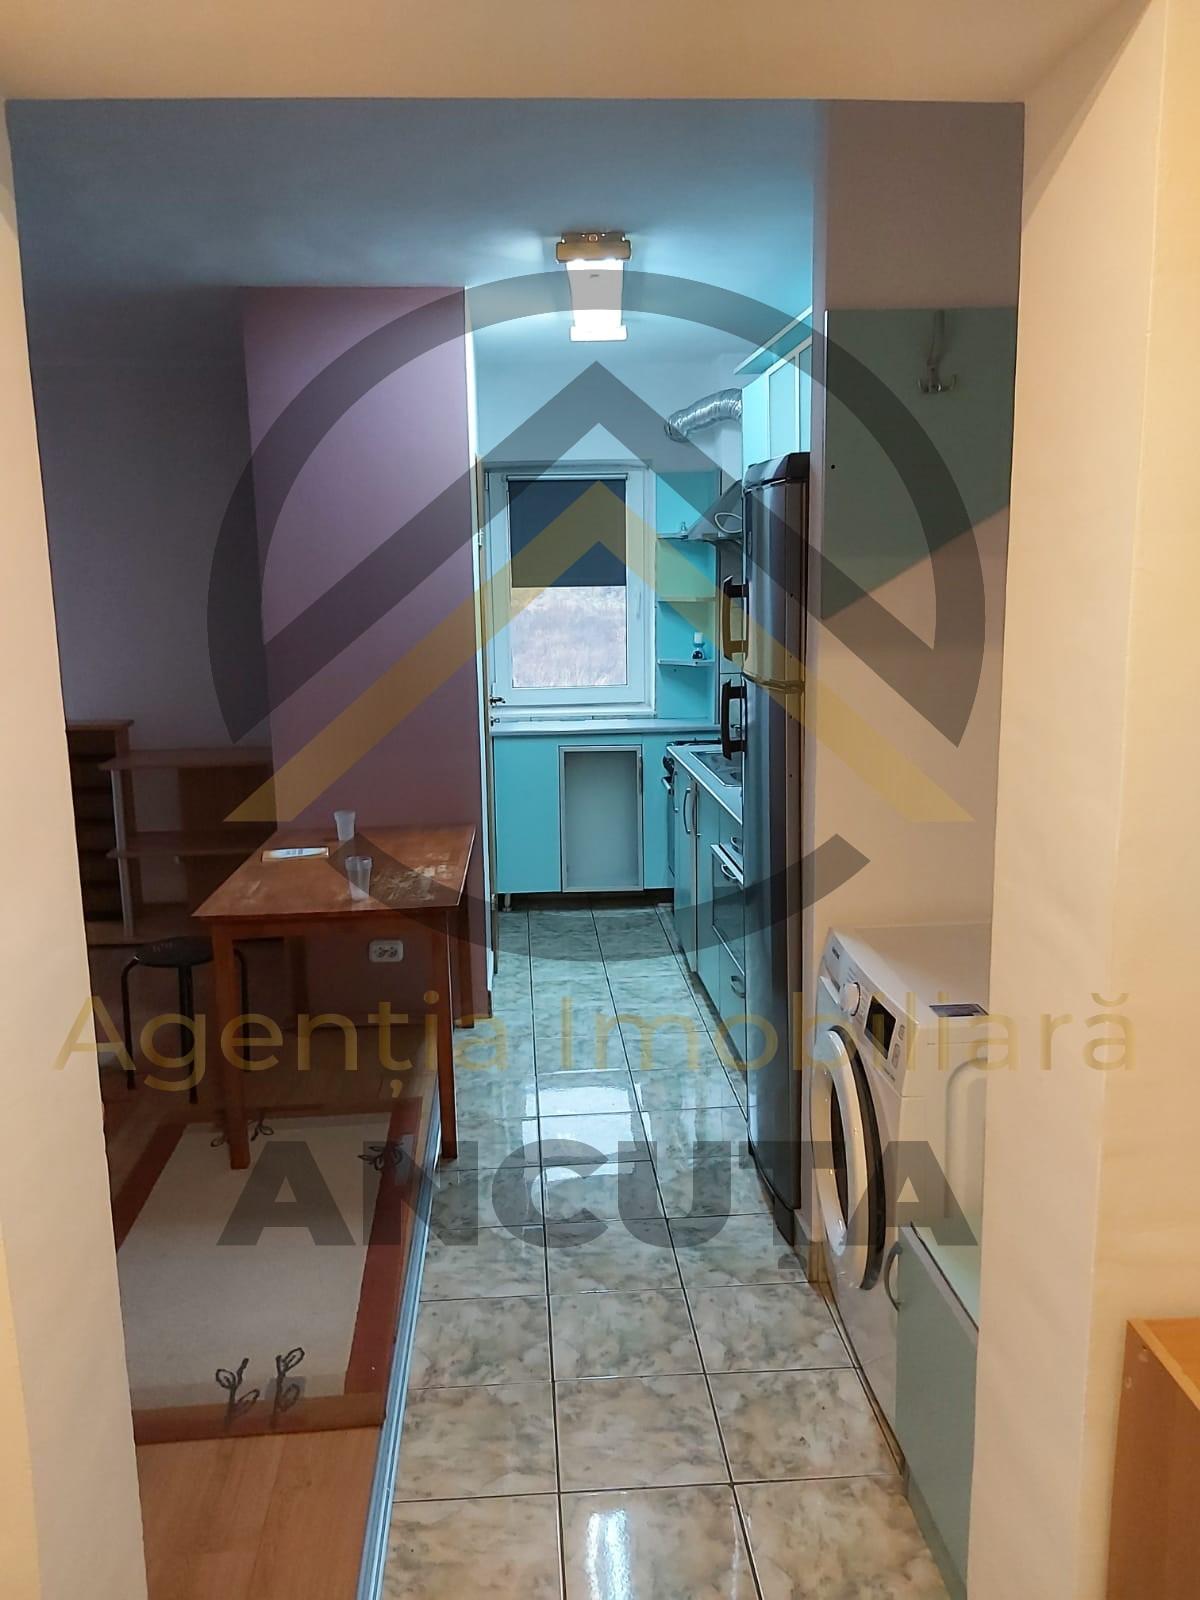 188557-Inchiriere apartament 2 camere, Gheorgheni, Cluj-Napoca